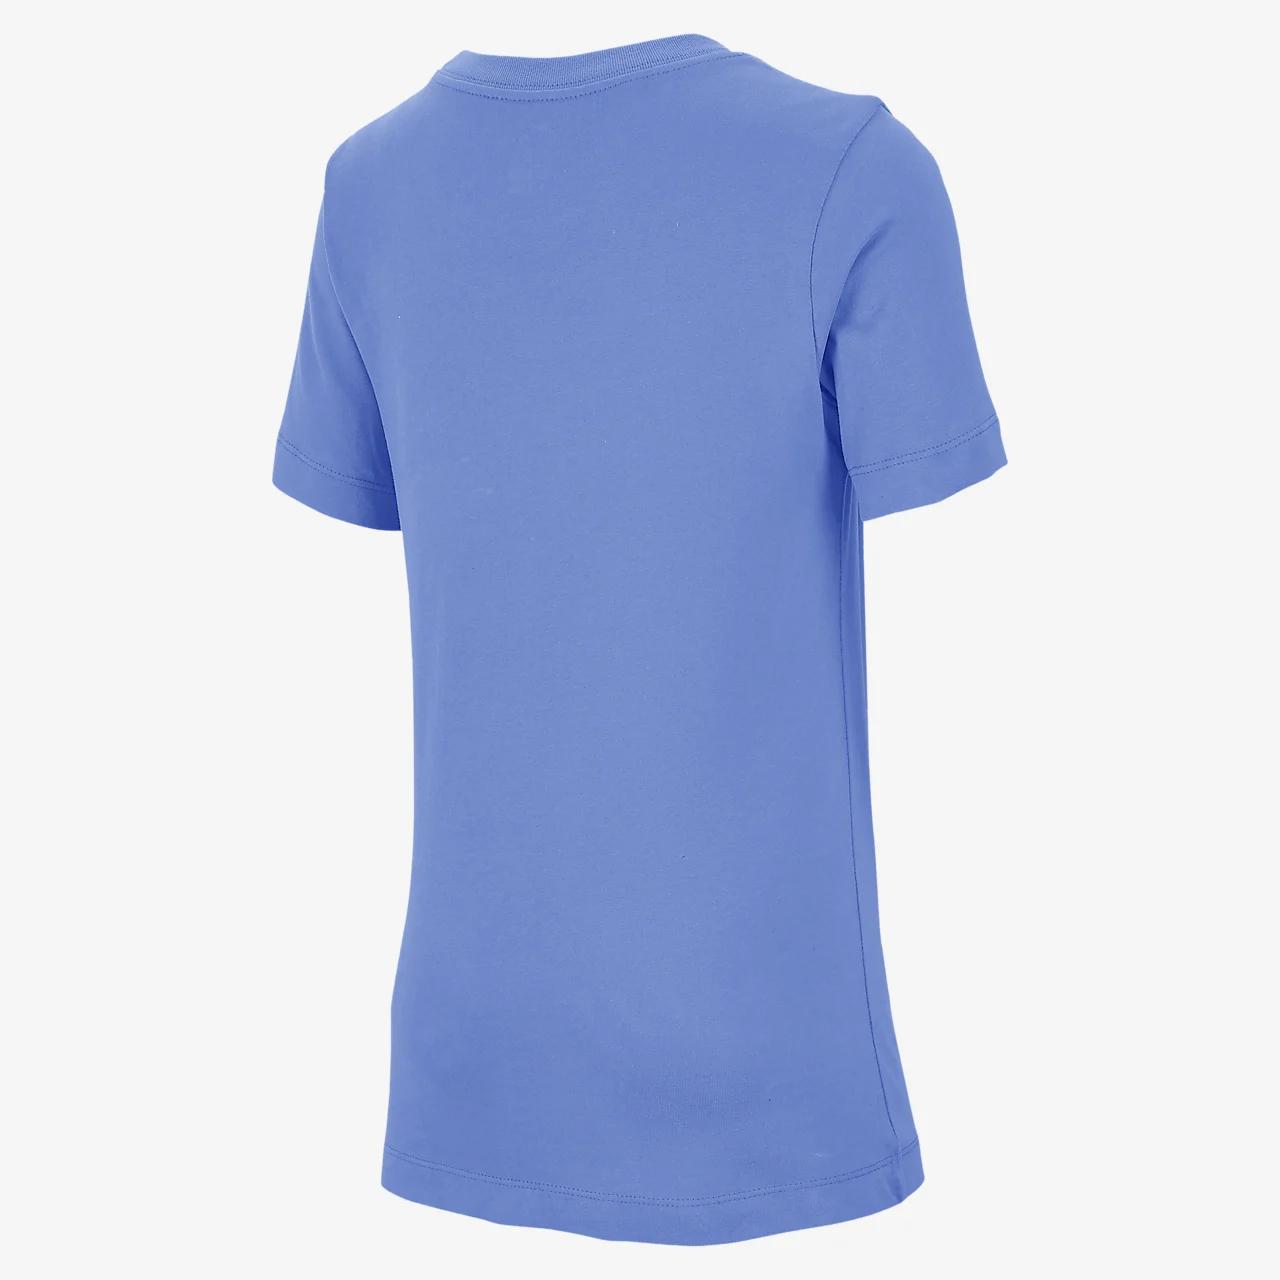 나이키코트 드라이핏 남자 그래픽 테니스 티셔츠 CJ7758-478